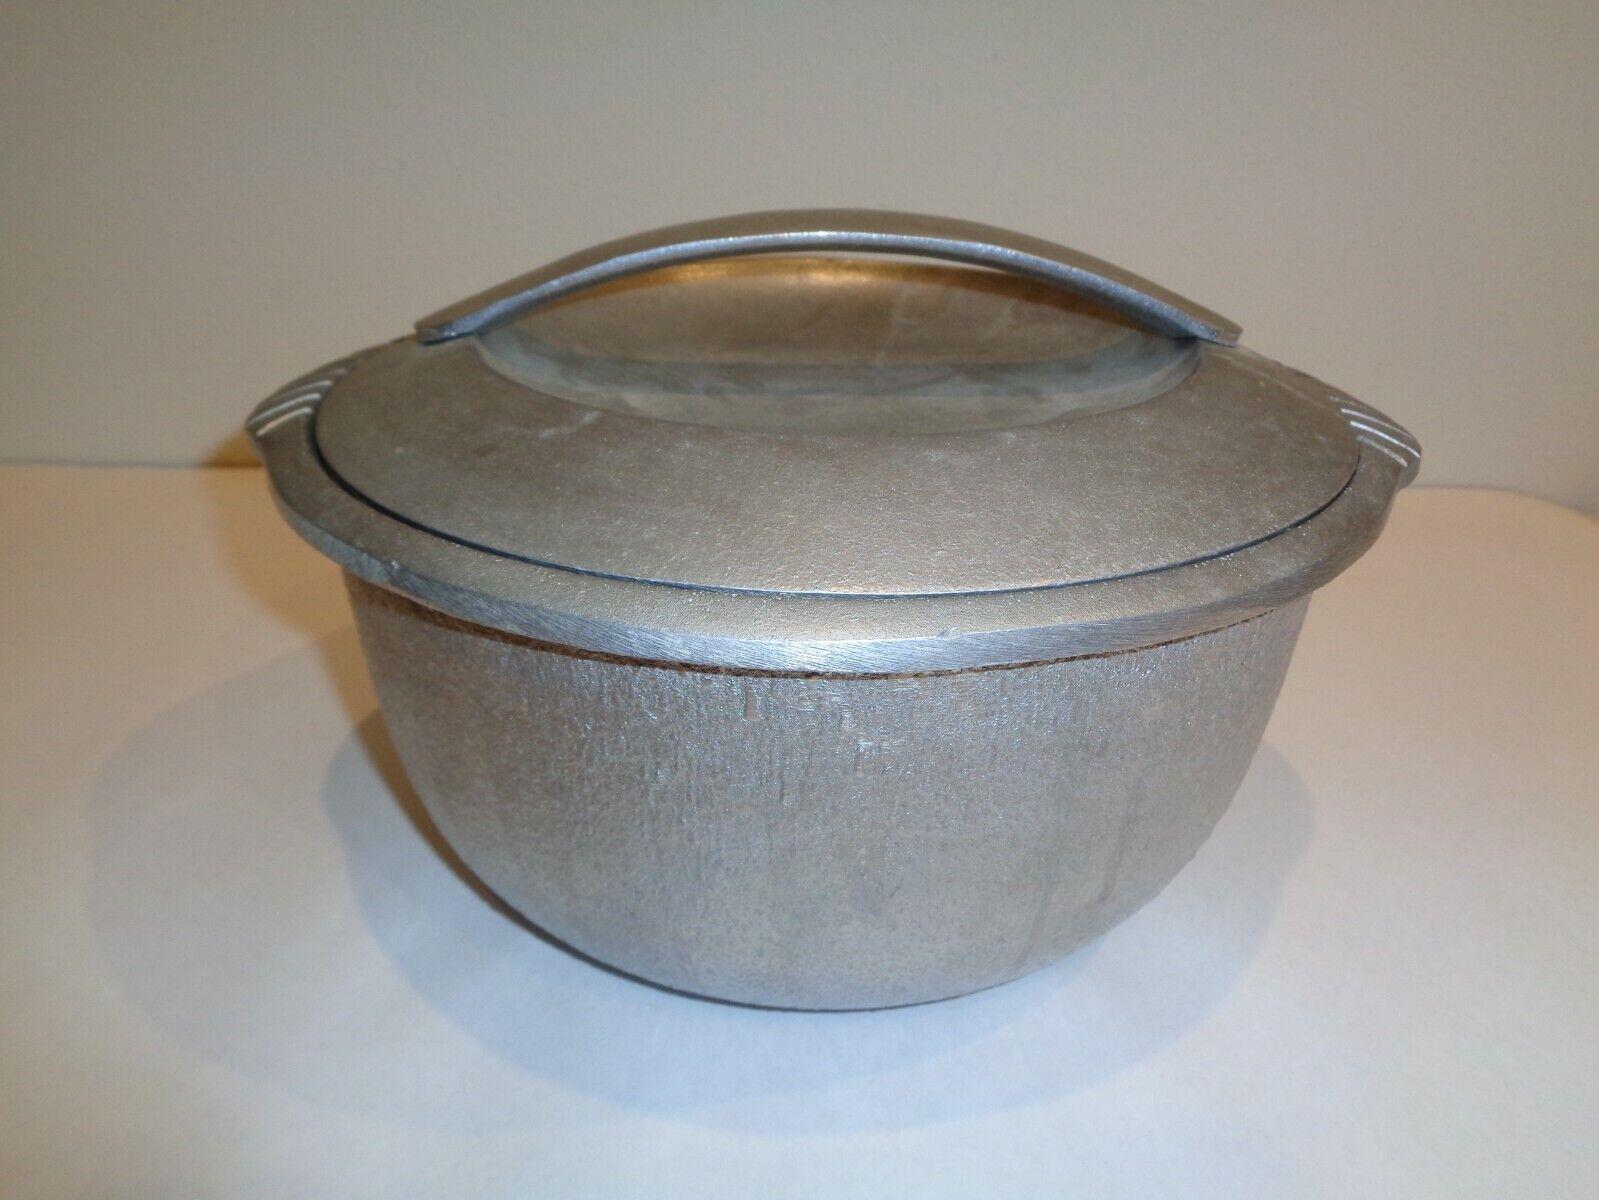 Wilton Mount Joy Pa nouveau étain Hollandais Four Pot avec couvercle